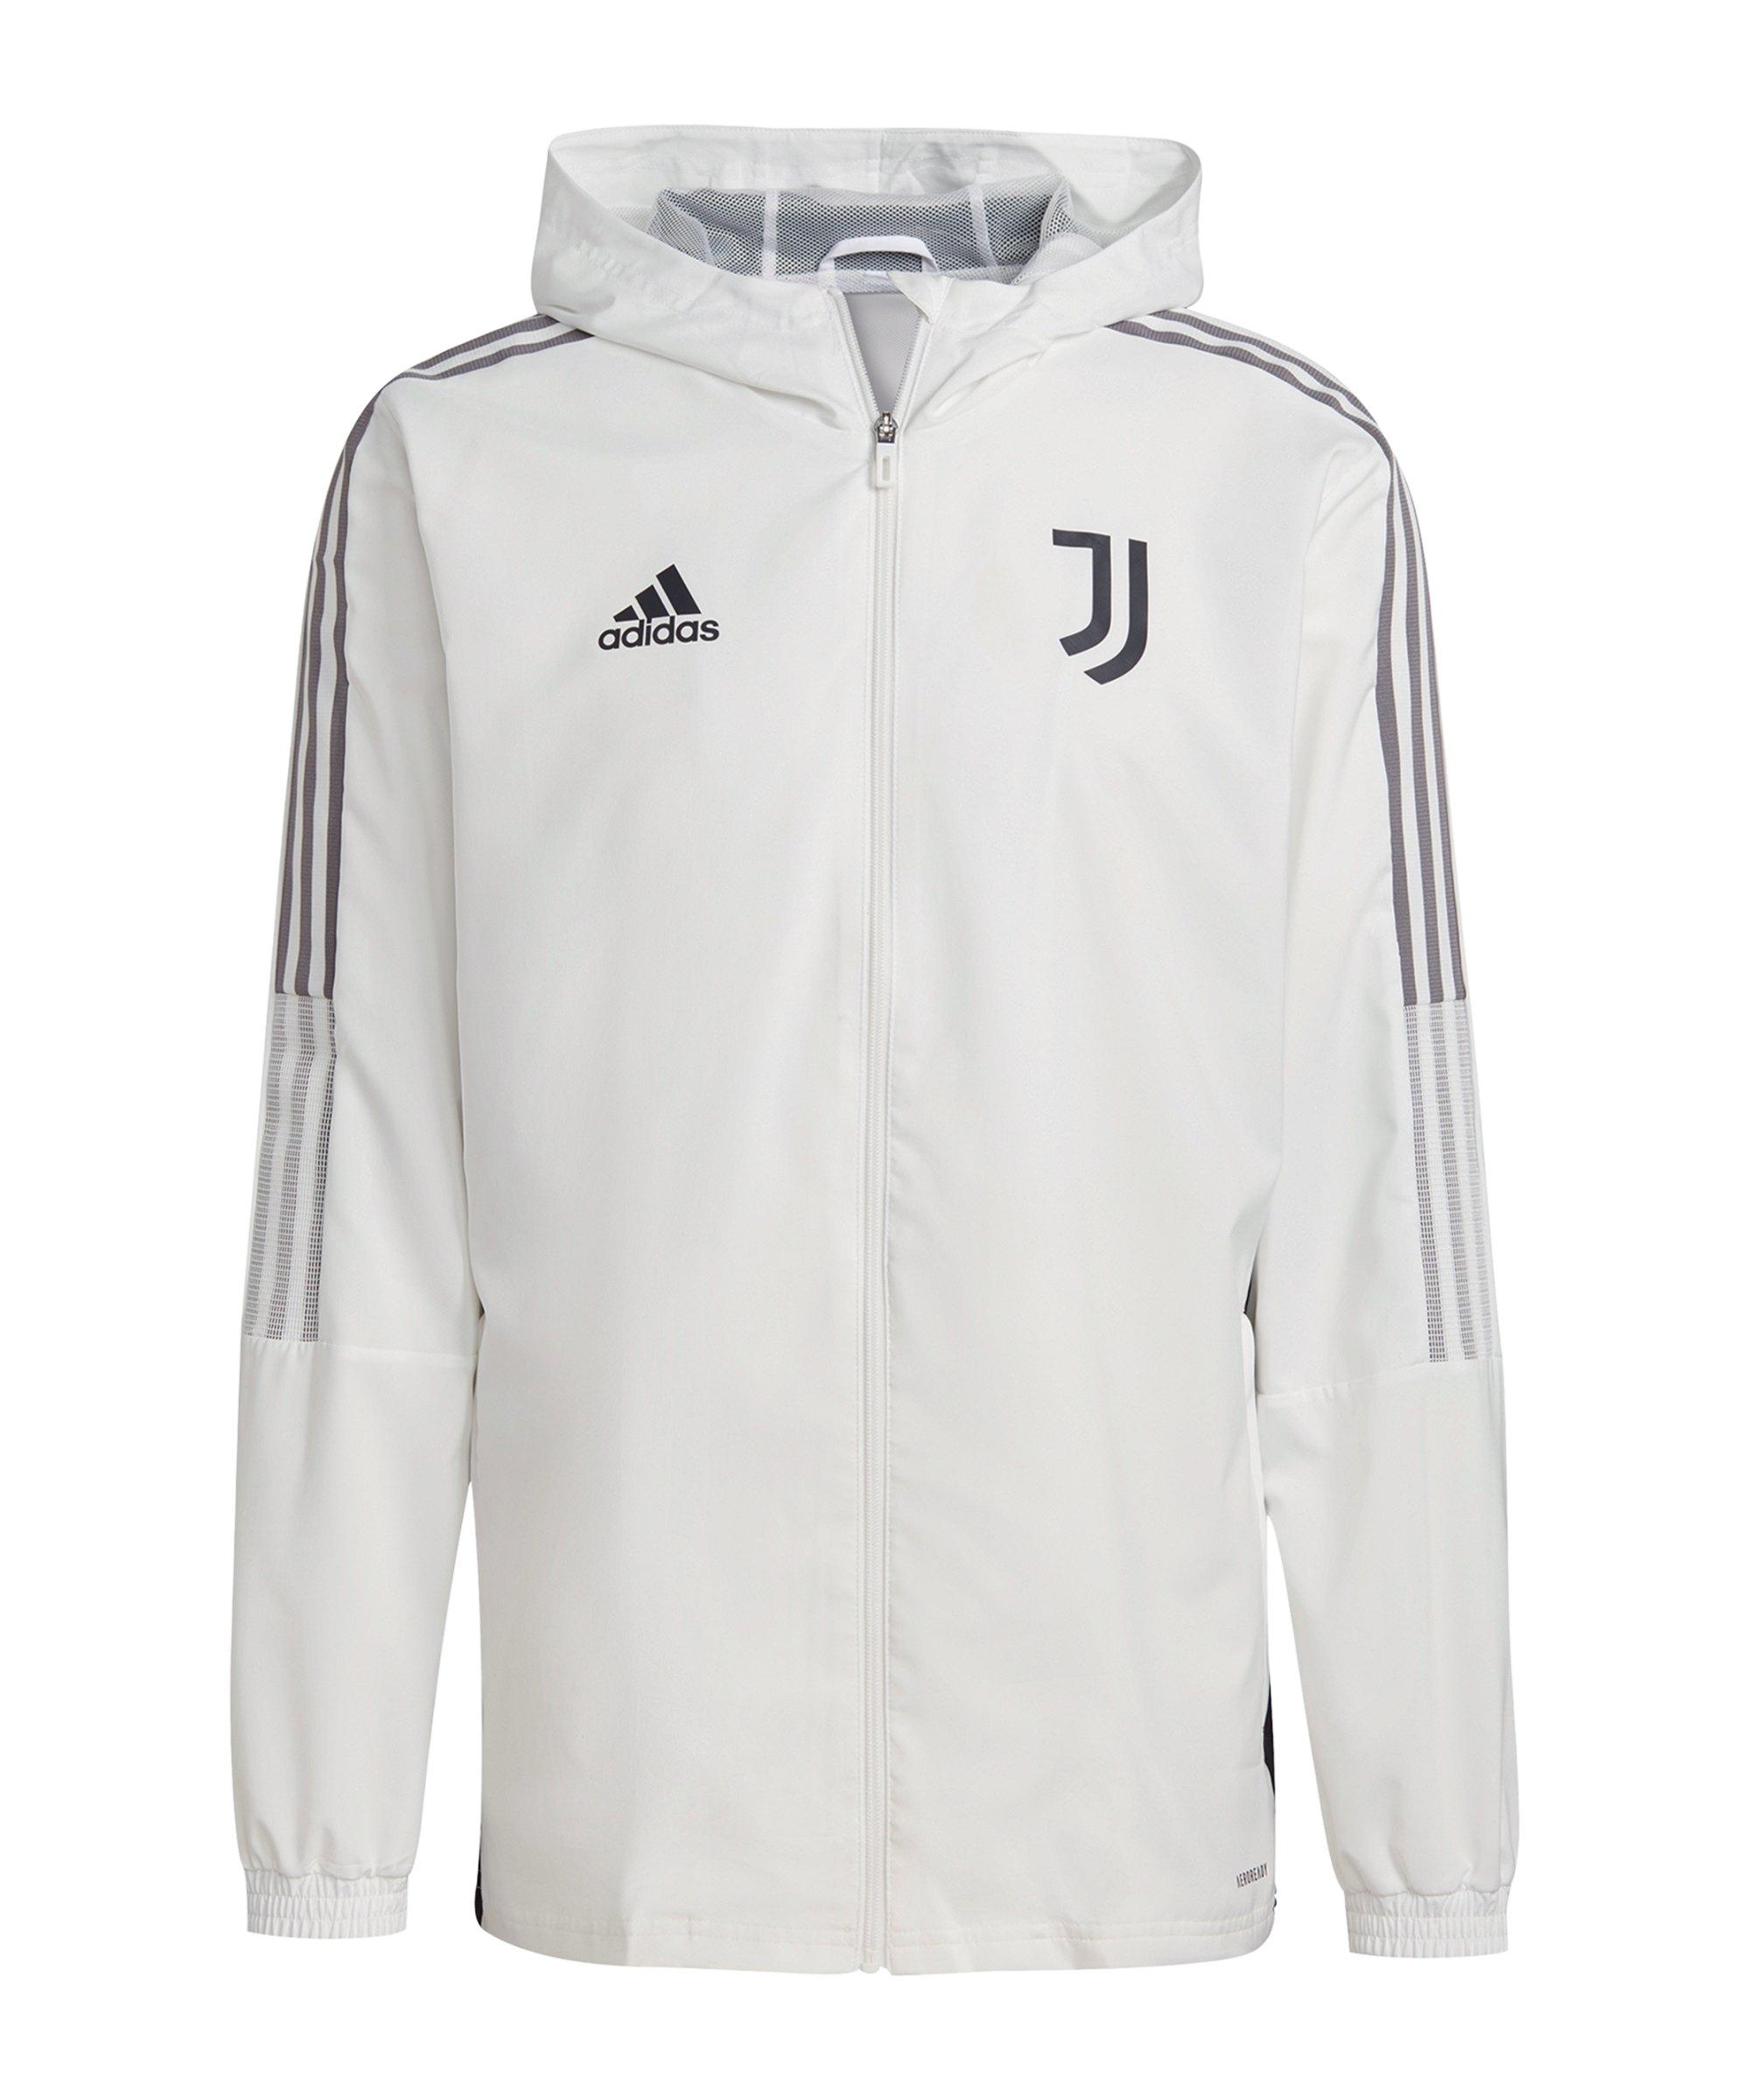 adidas Juventus Turin Prematch Jacke 2021/2022 Weiss - weiss